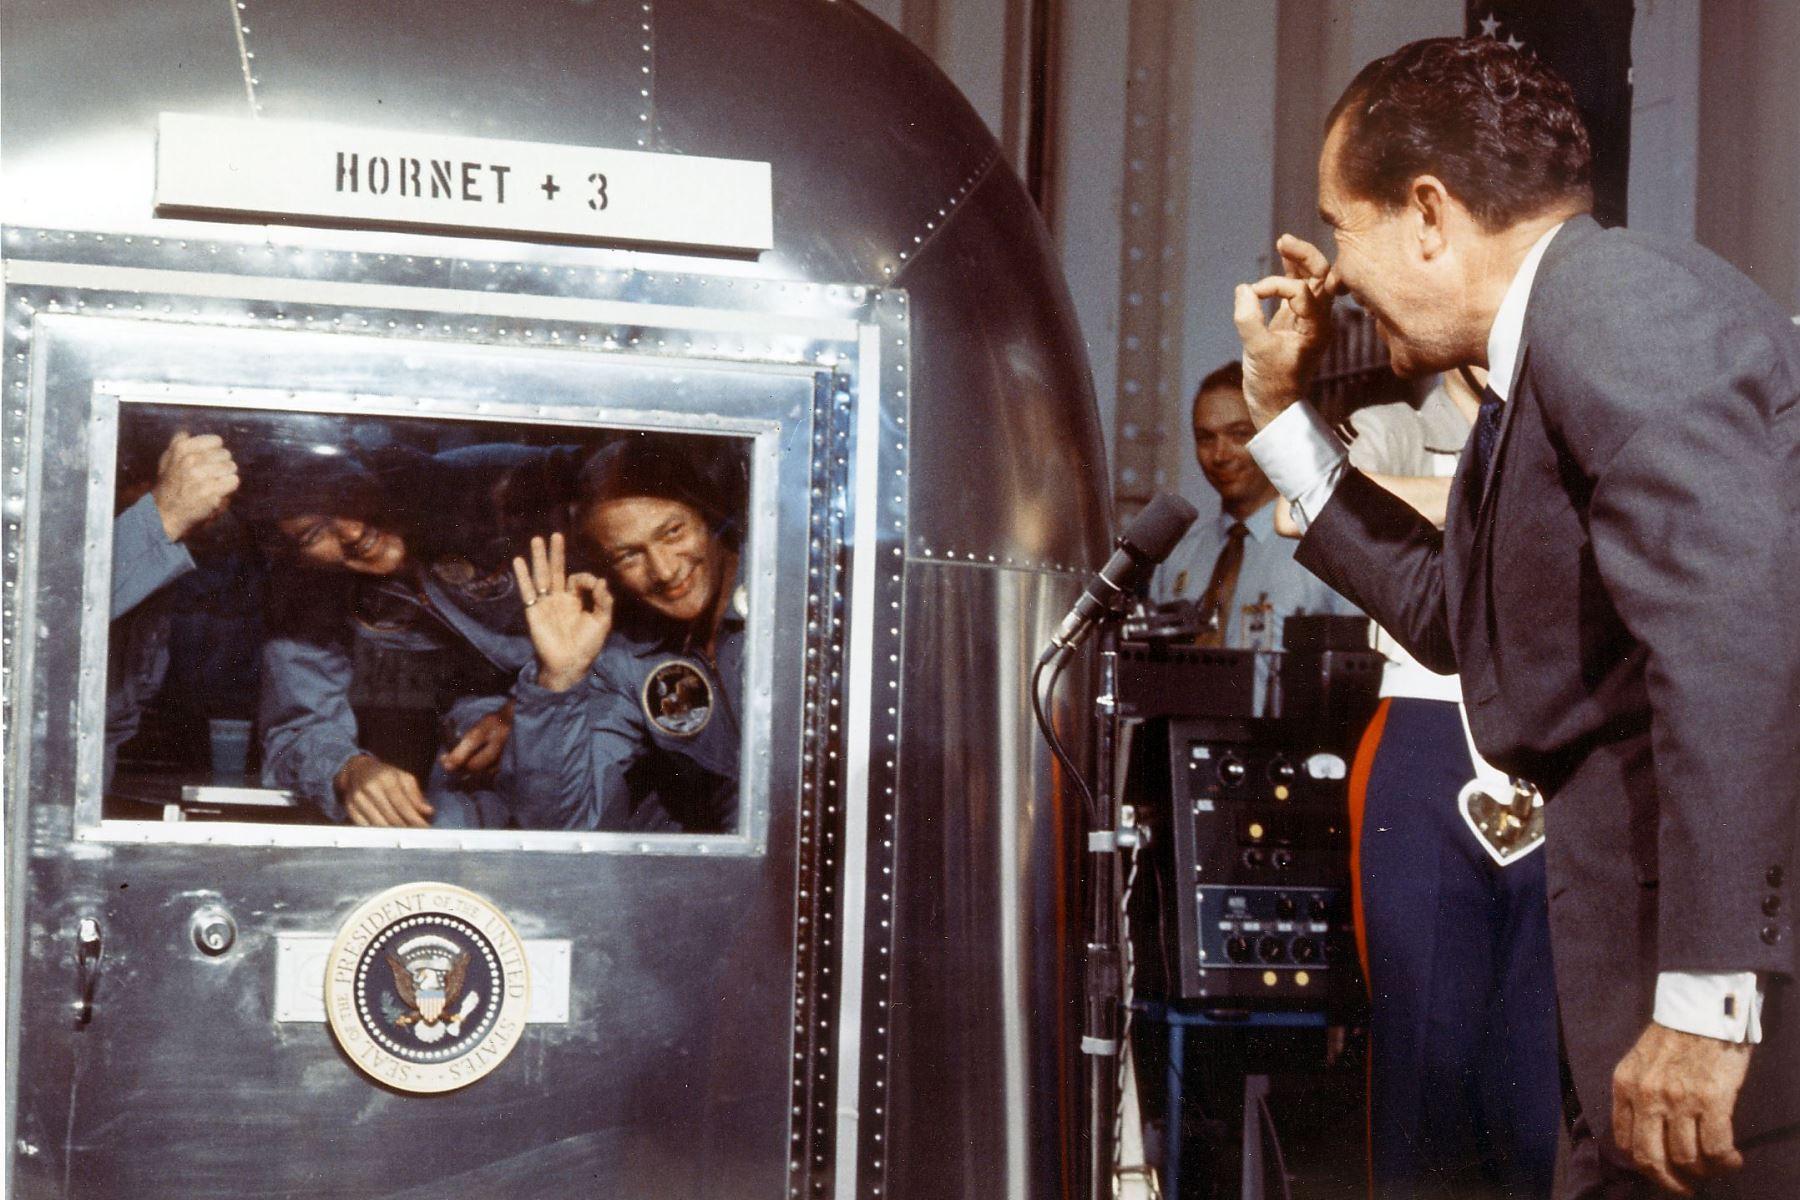 El presidente Richard M. Nixon y los astronautas del Apolo 11 intercambian saludos a través de la ventana de la Instalación de cuarentena móvil. Foto: AFP